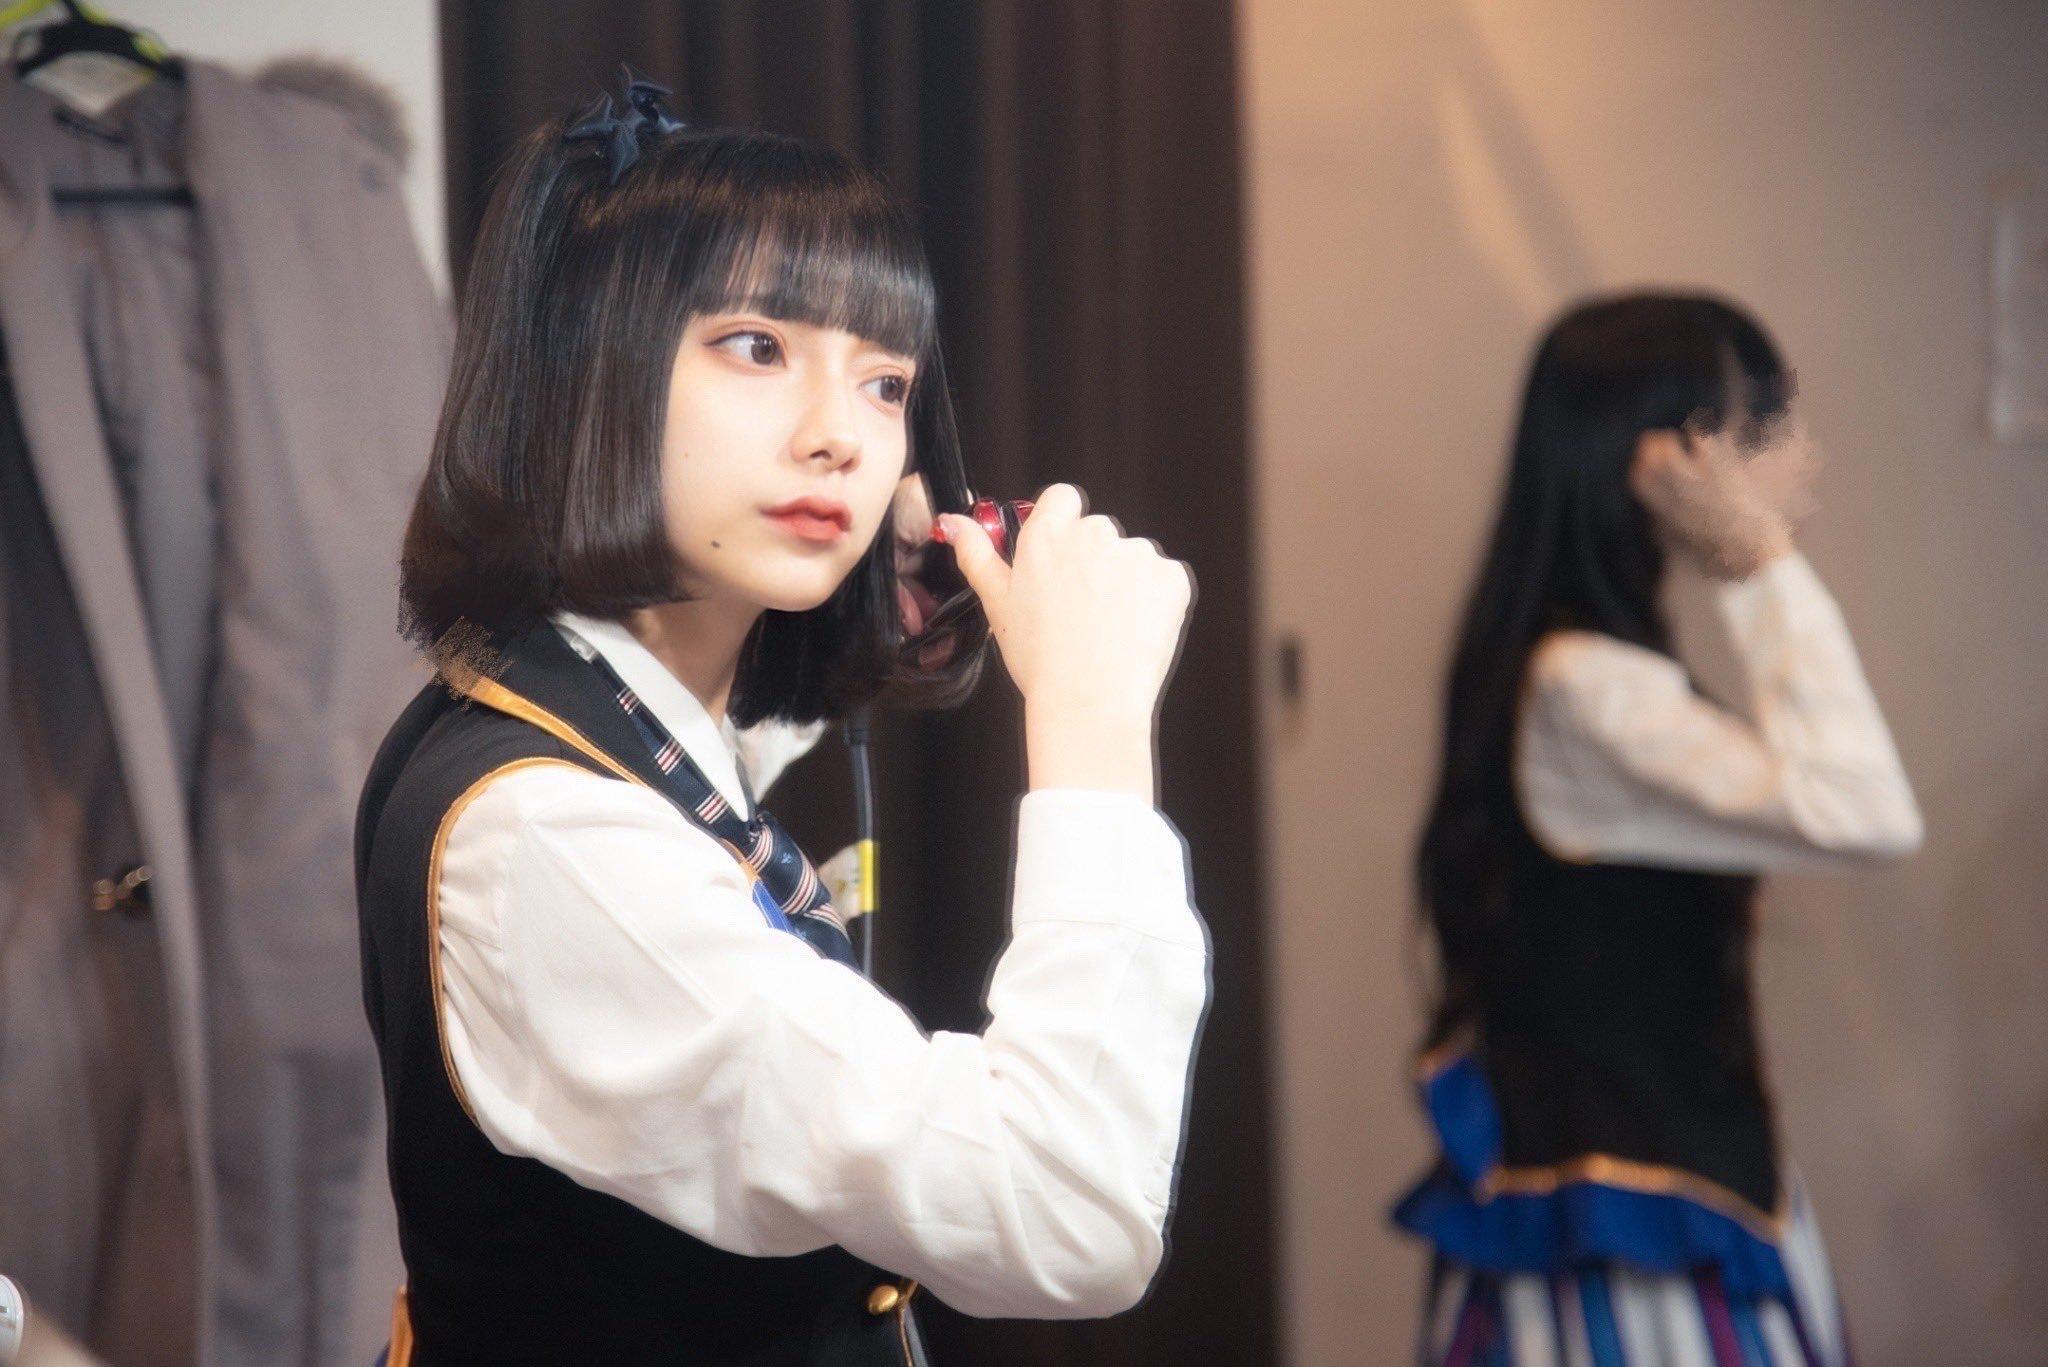 日本少女偶像天使もも写真使出招数 养眼图片 第8张